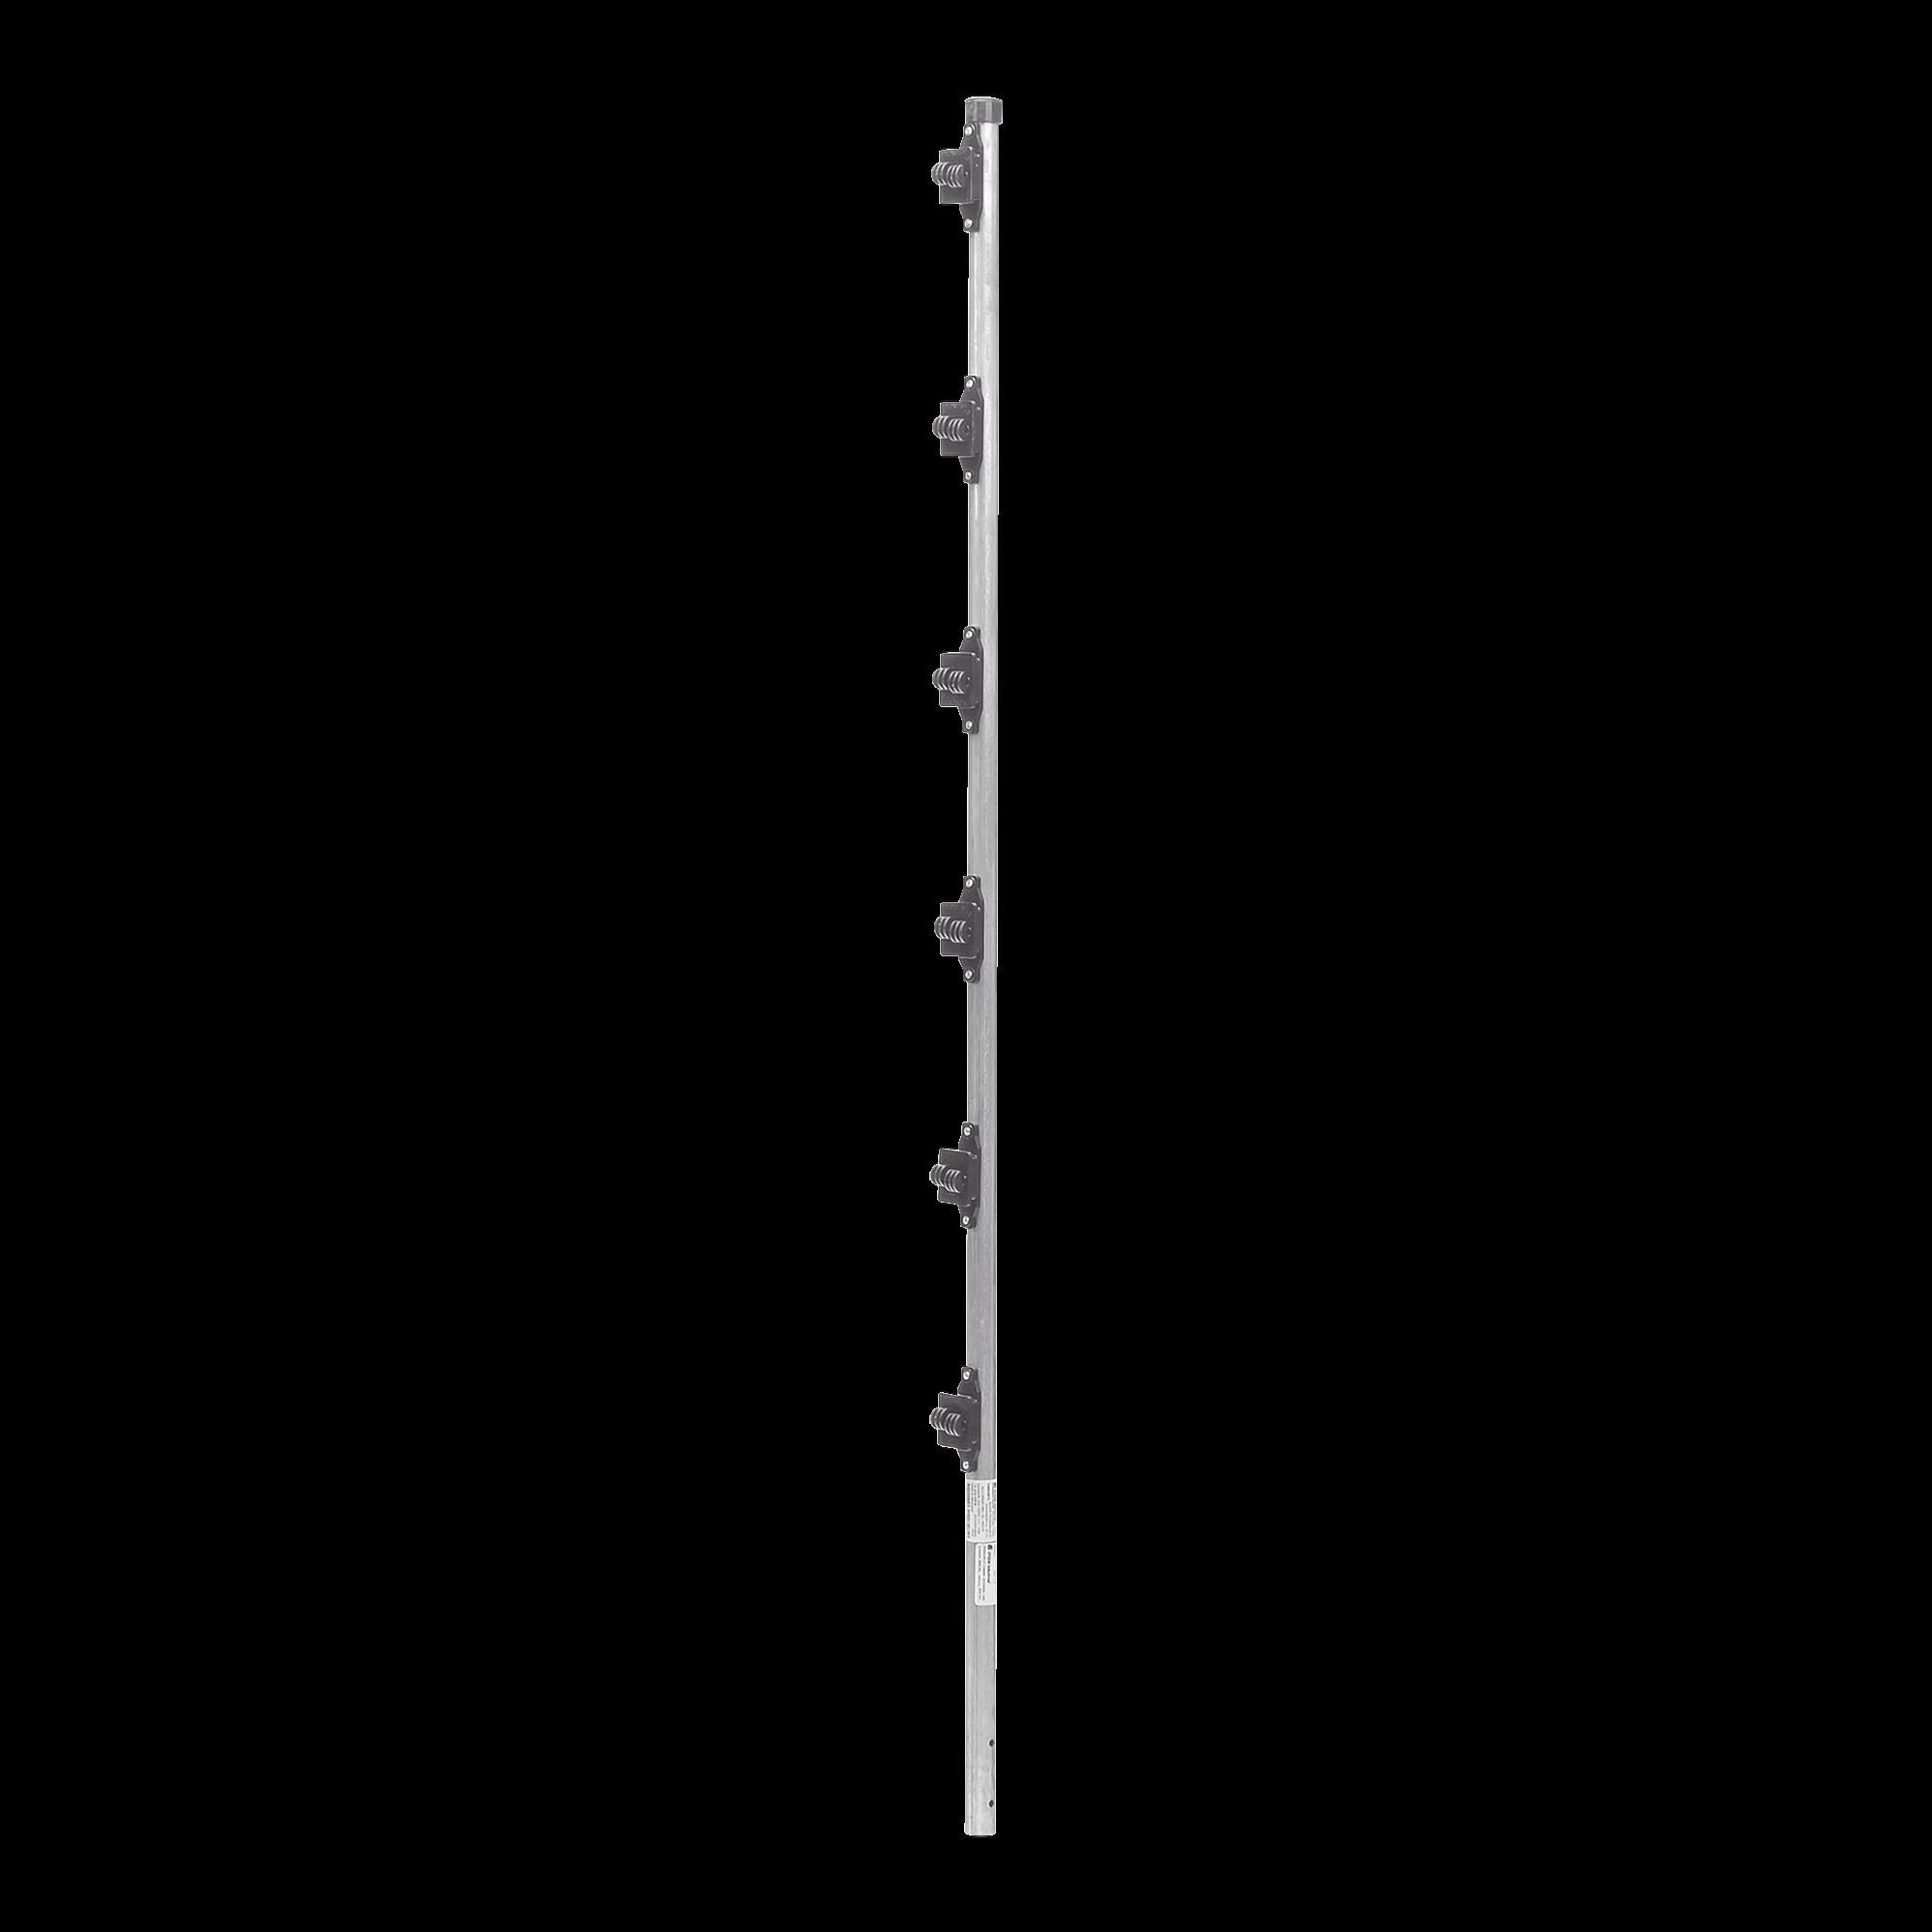 Poste con 6 Aisladores de PASO  para Cerca Electrificada. Tubo Galva. de 1.5m, cal. 18 de 1 Diam. (Sin pintar).